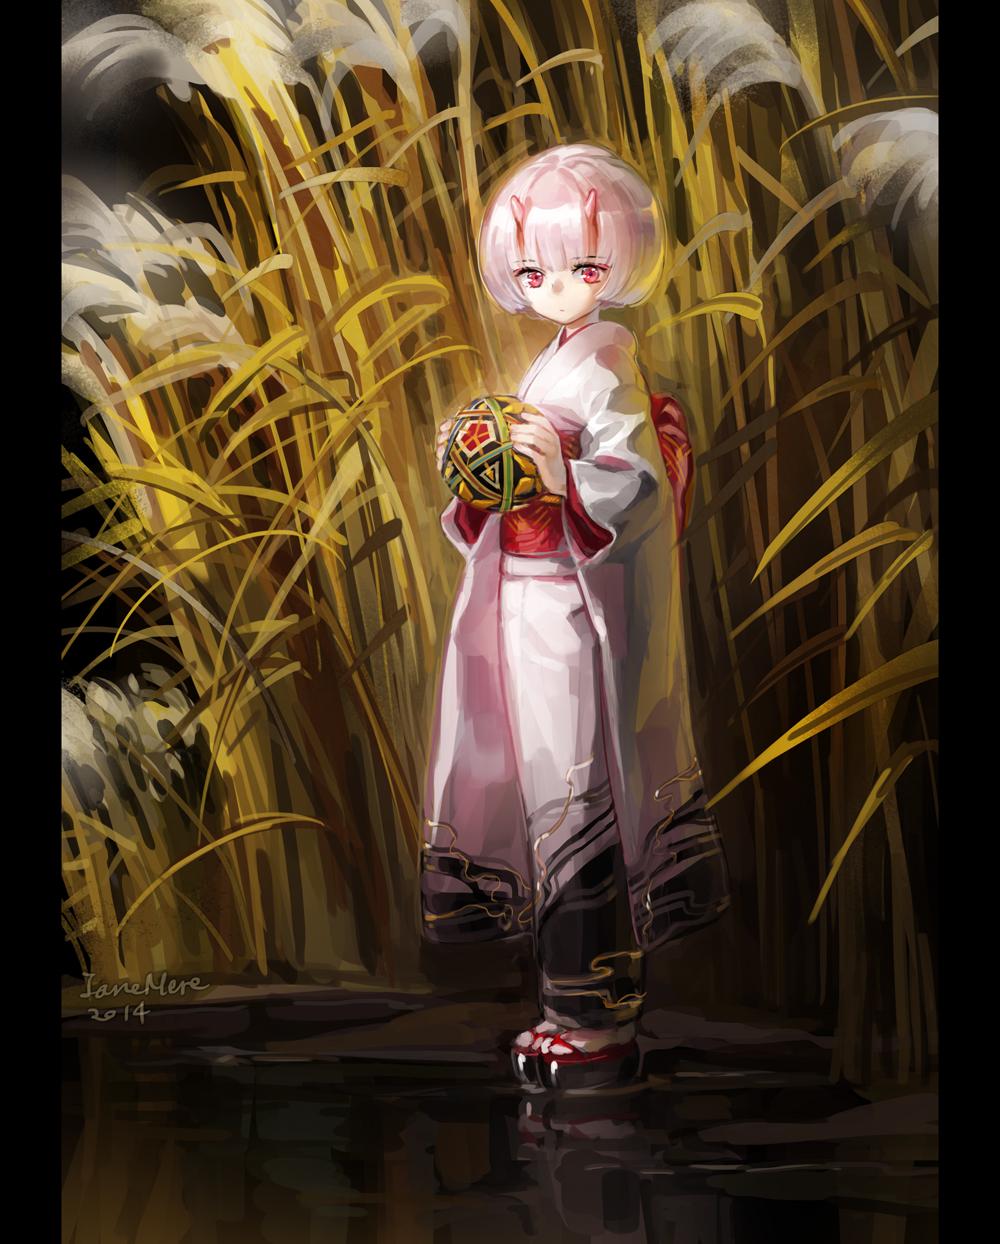 Фото Девочка-демон с мячиком в руках, art by JaneMere